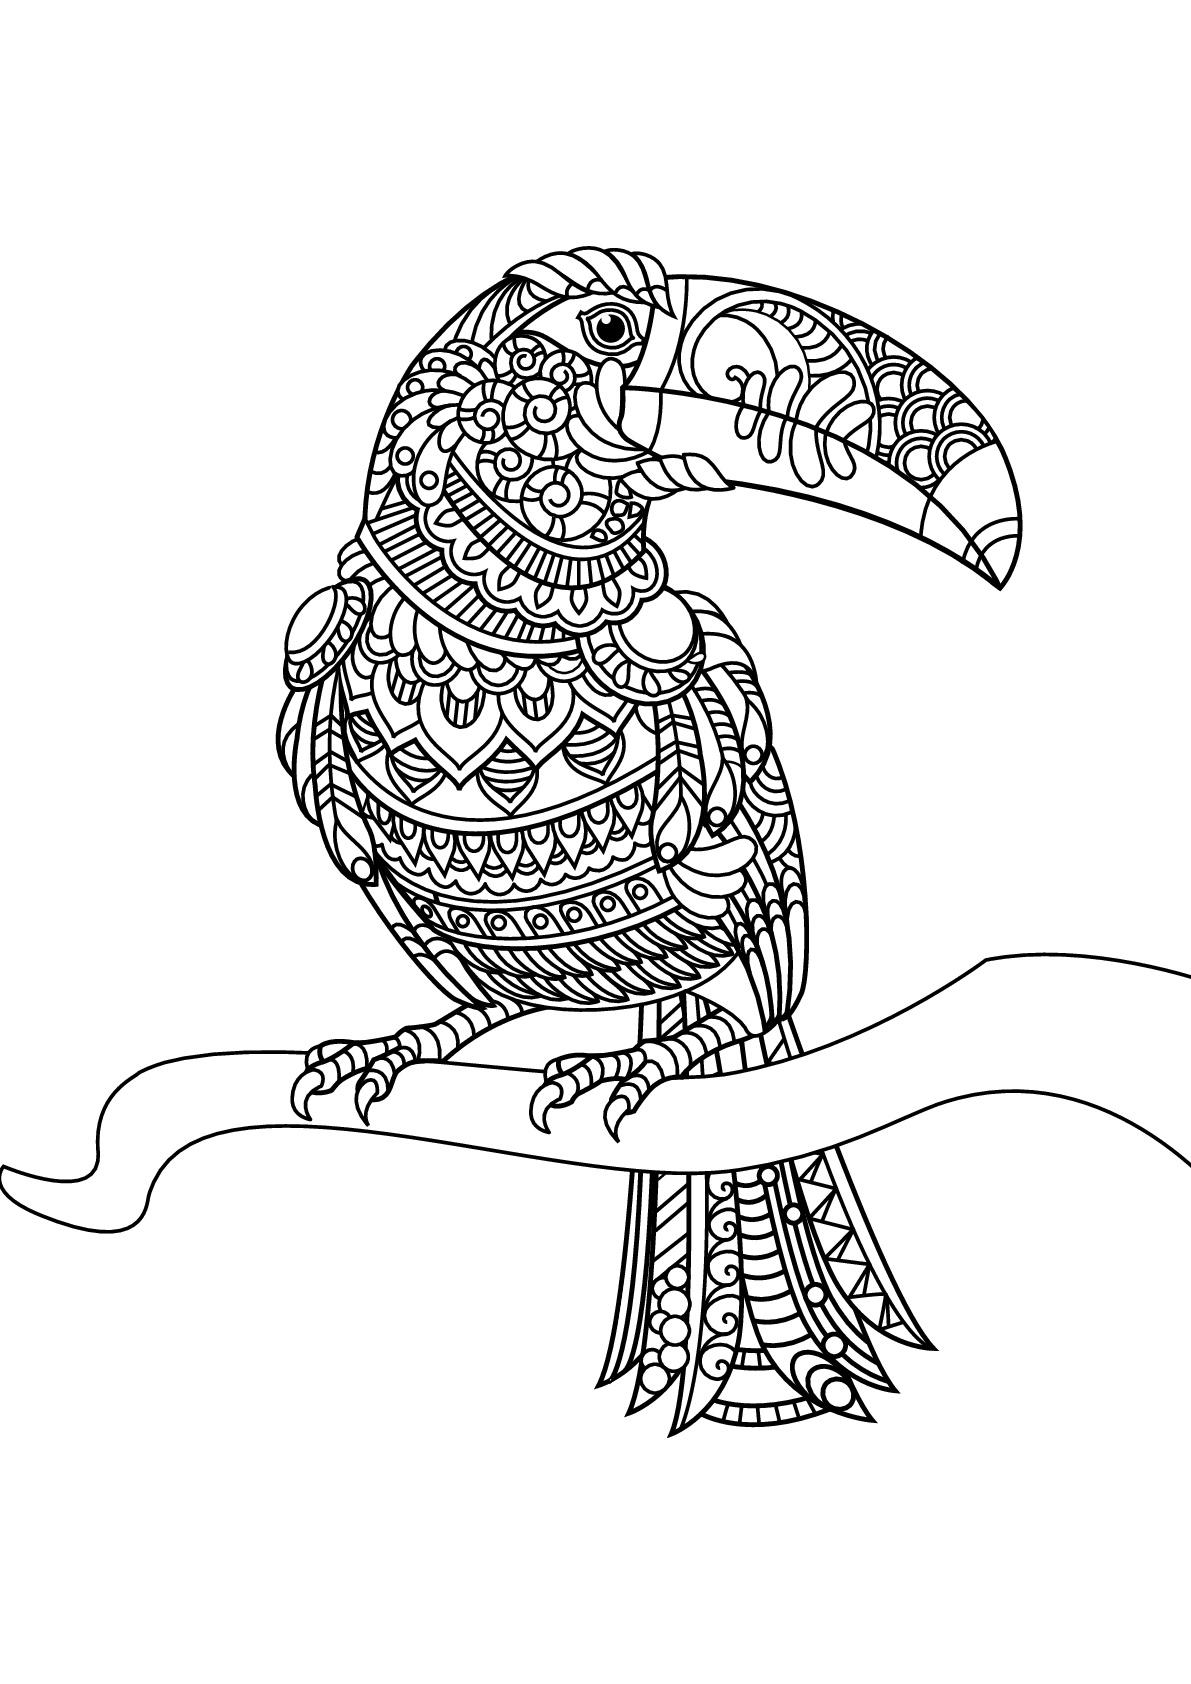 Coloriage D Oiseaux A Imprimer Gratuit Colorier Les